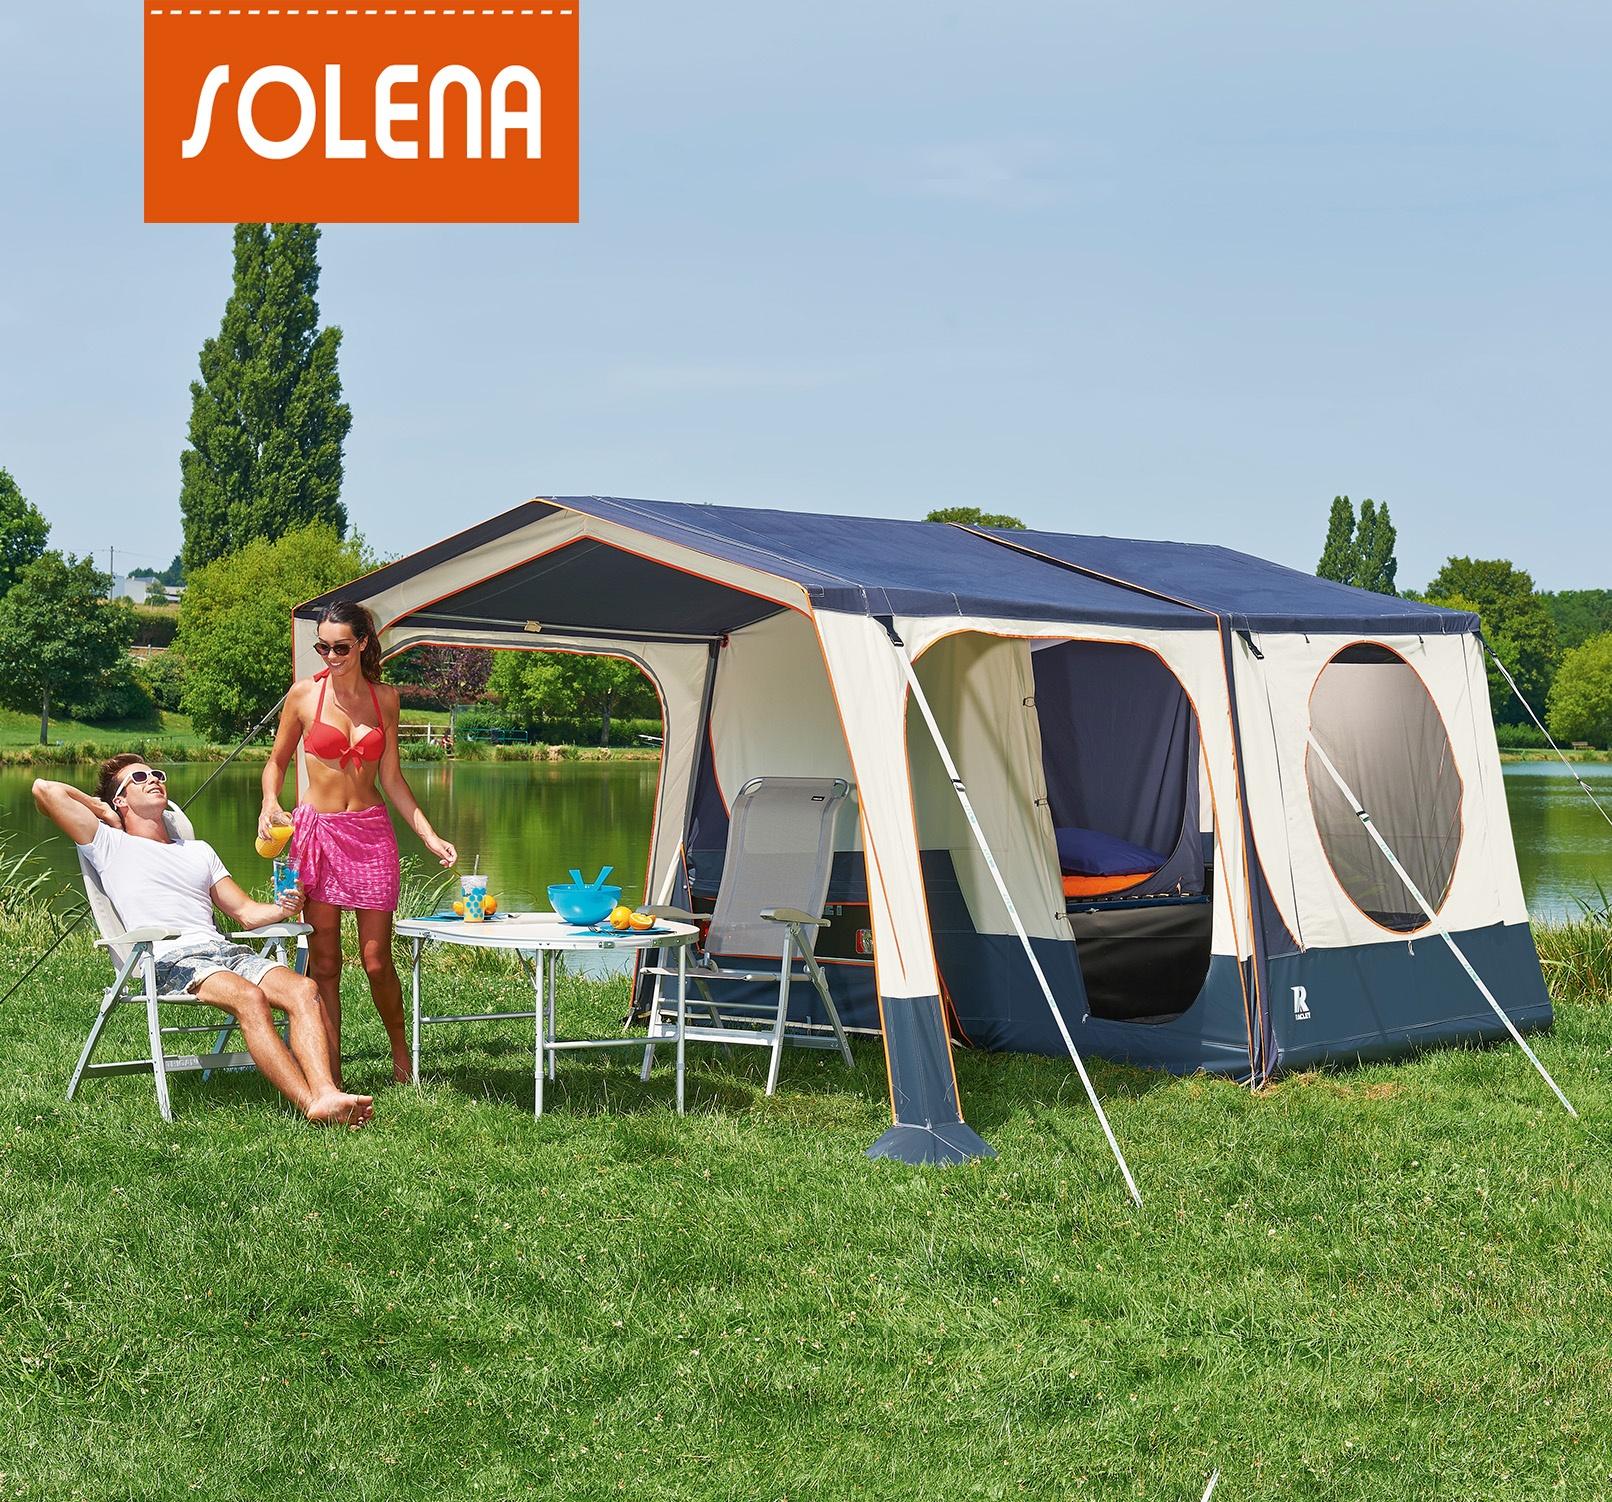 šotorske-kamp-počitniške-brako-camplet-prikolice-trigano-raclet-solena